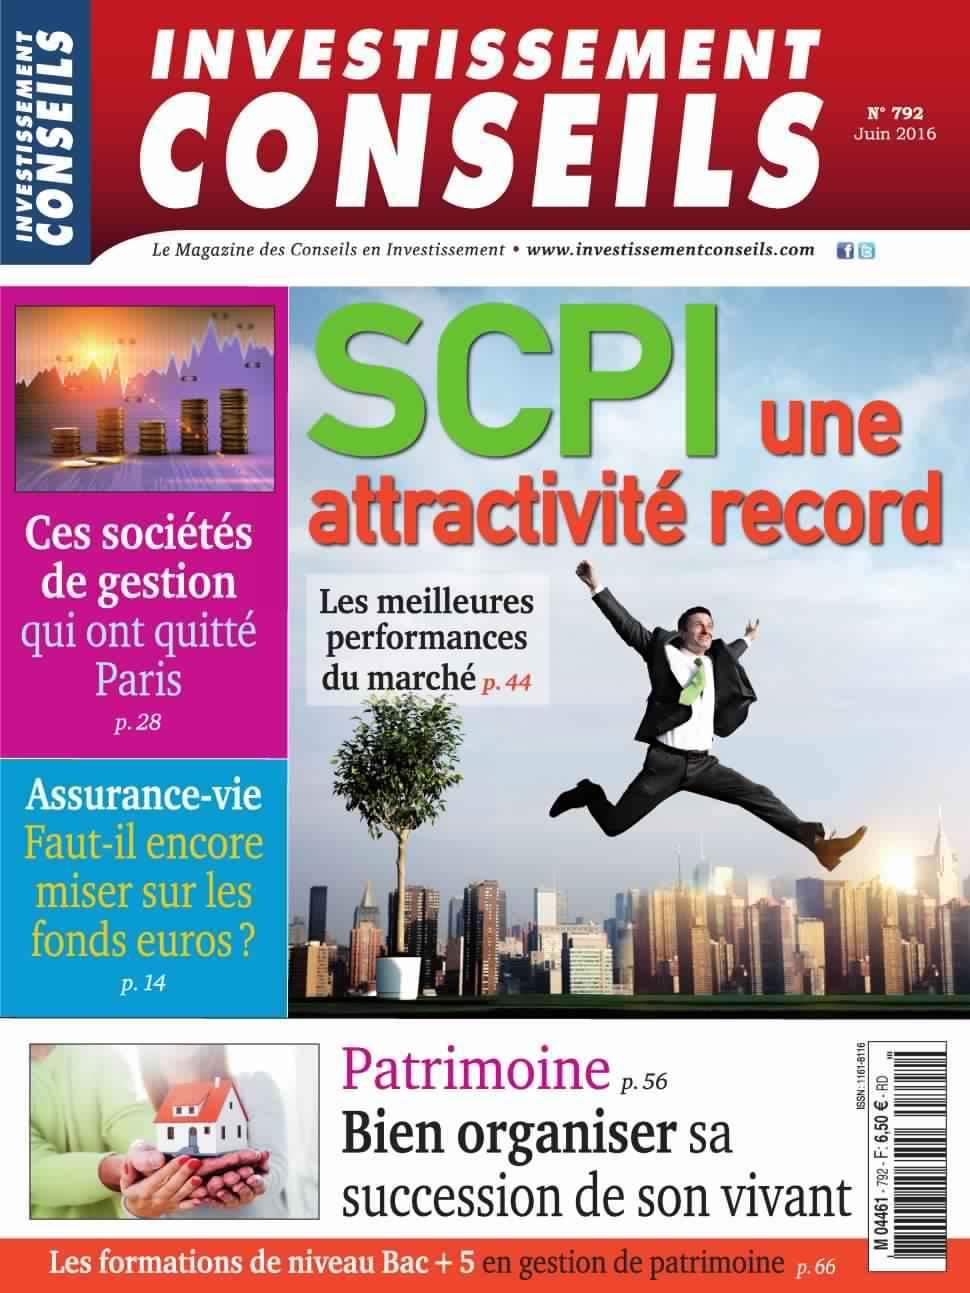 Investissement Conseils 792 - Juin 2016